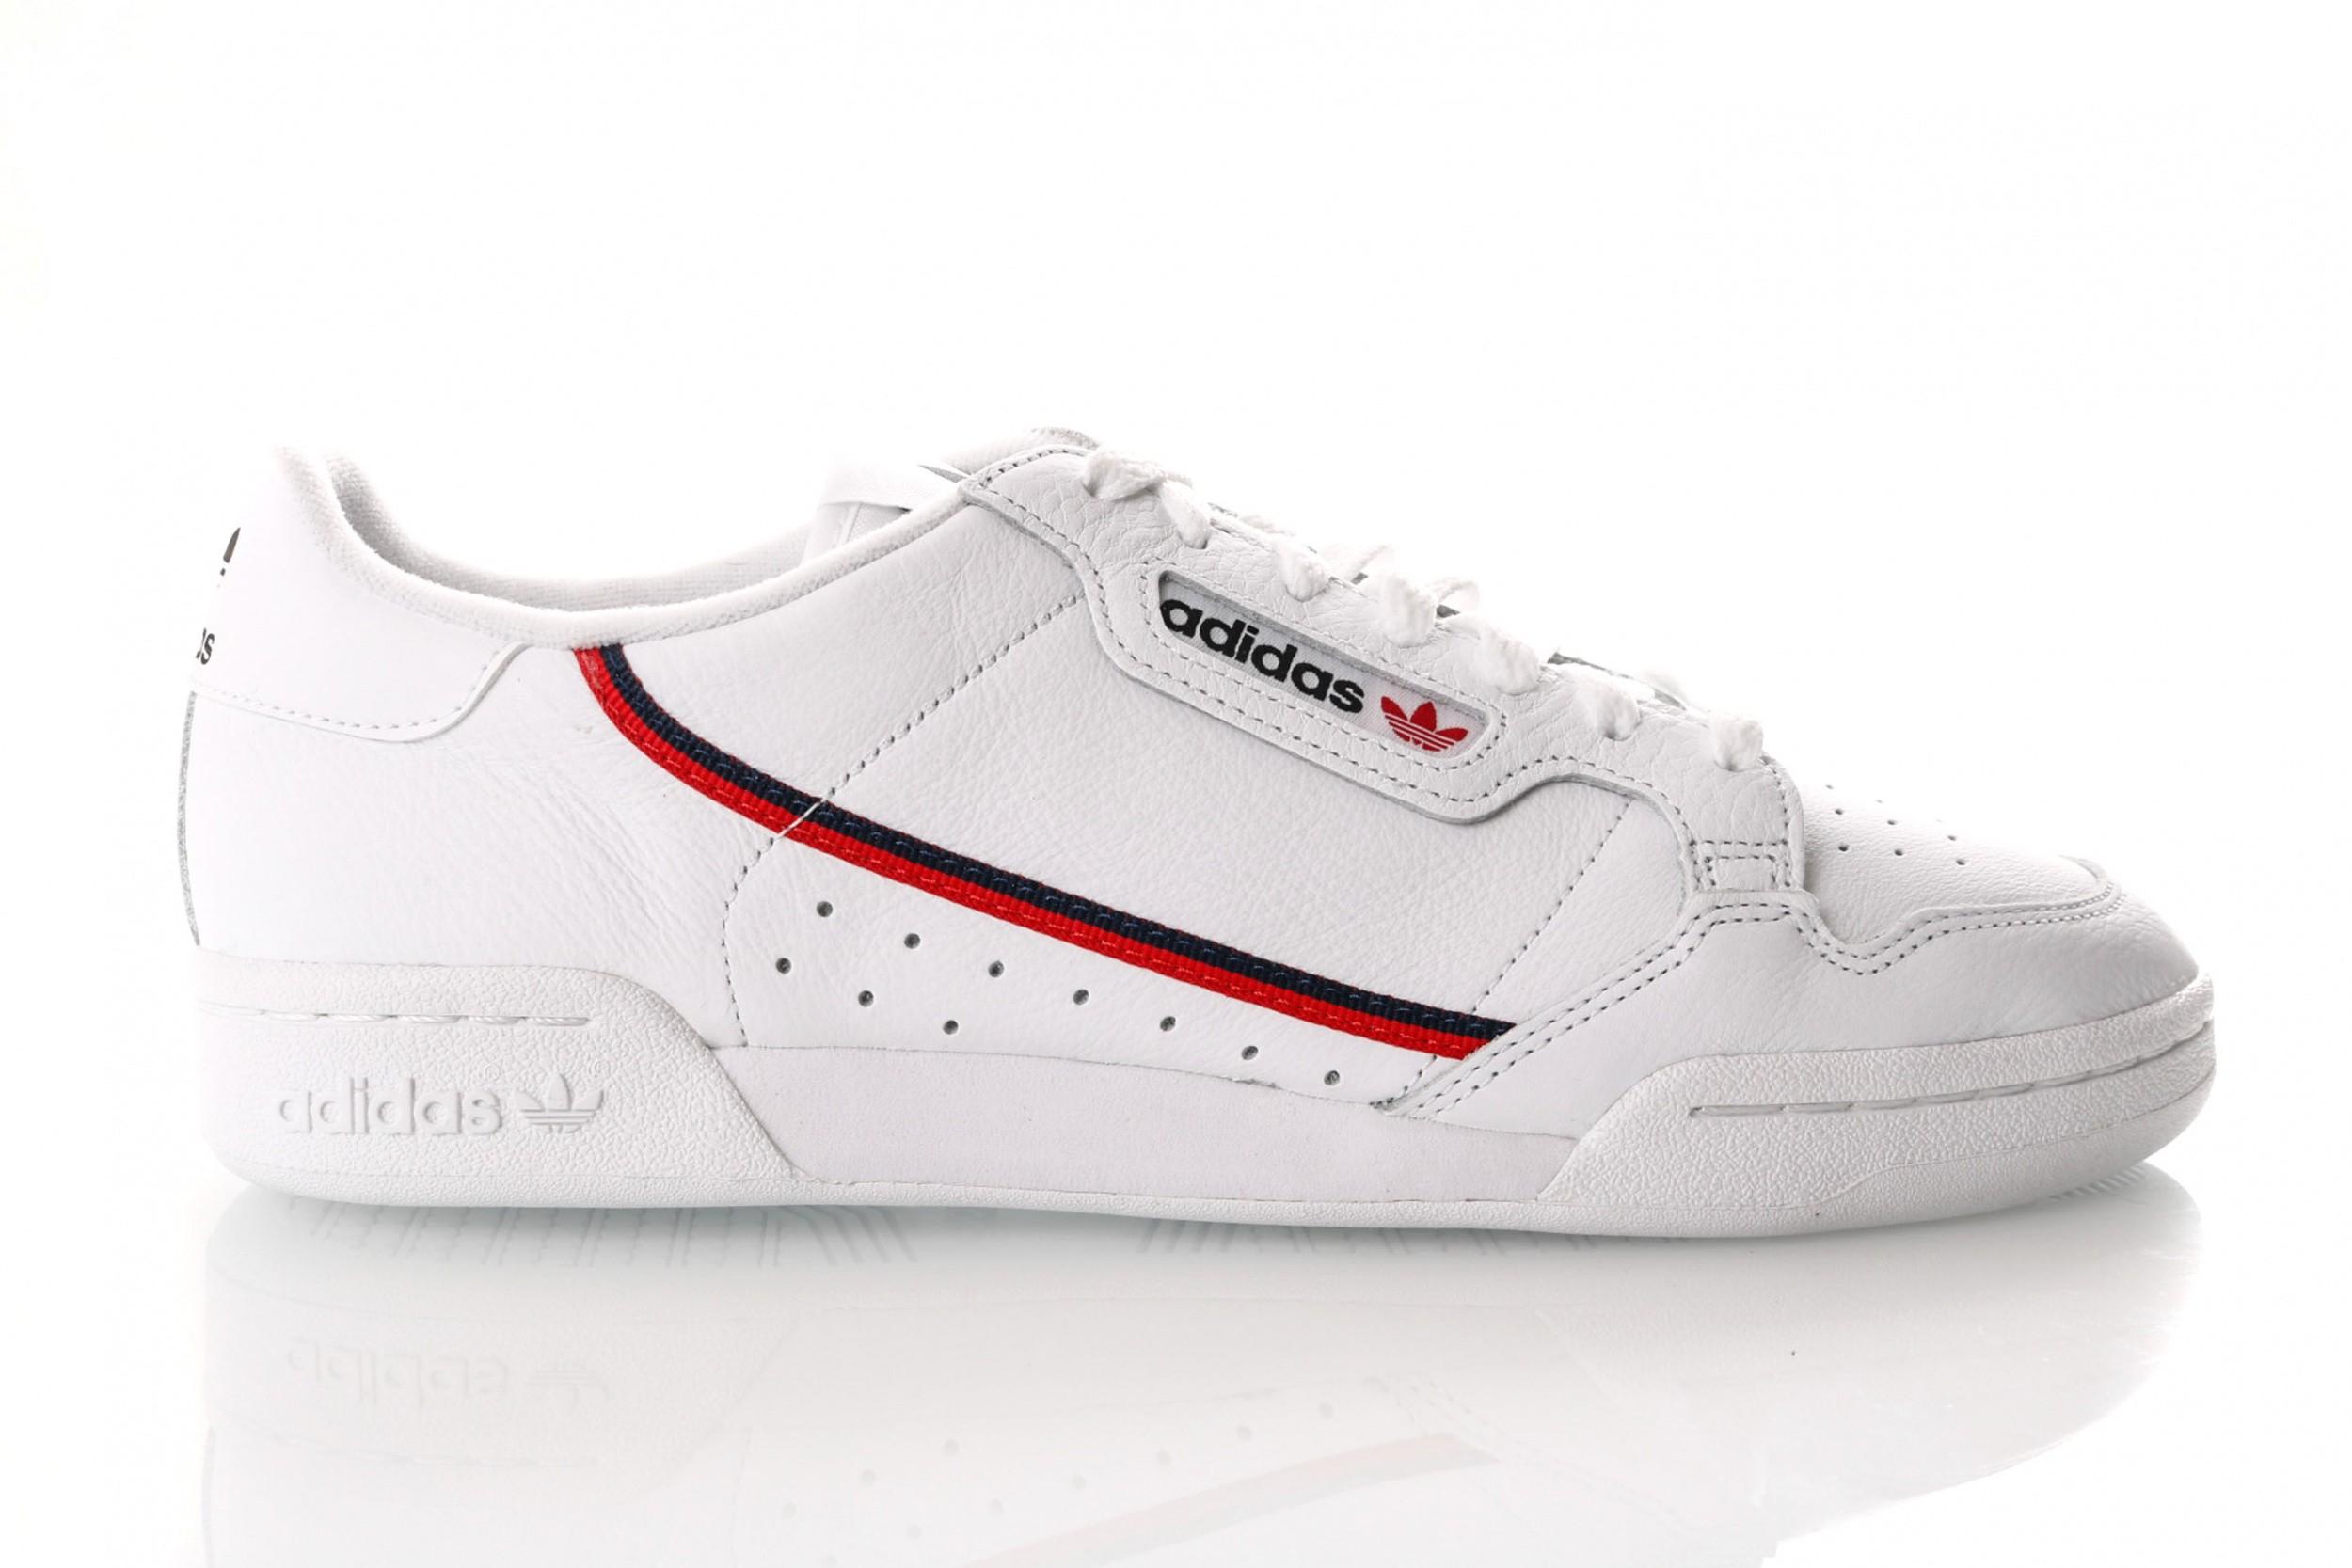 Foto van Adidas Continental 80 G27706 Sneakers Ftwr White/Scarlet/Collegiate Navy